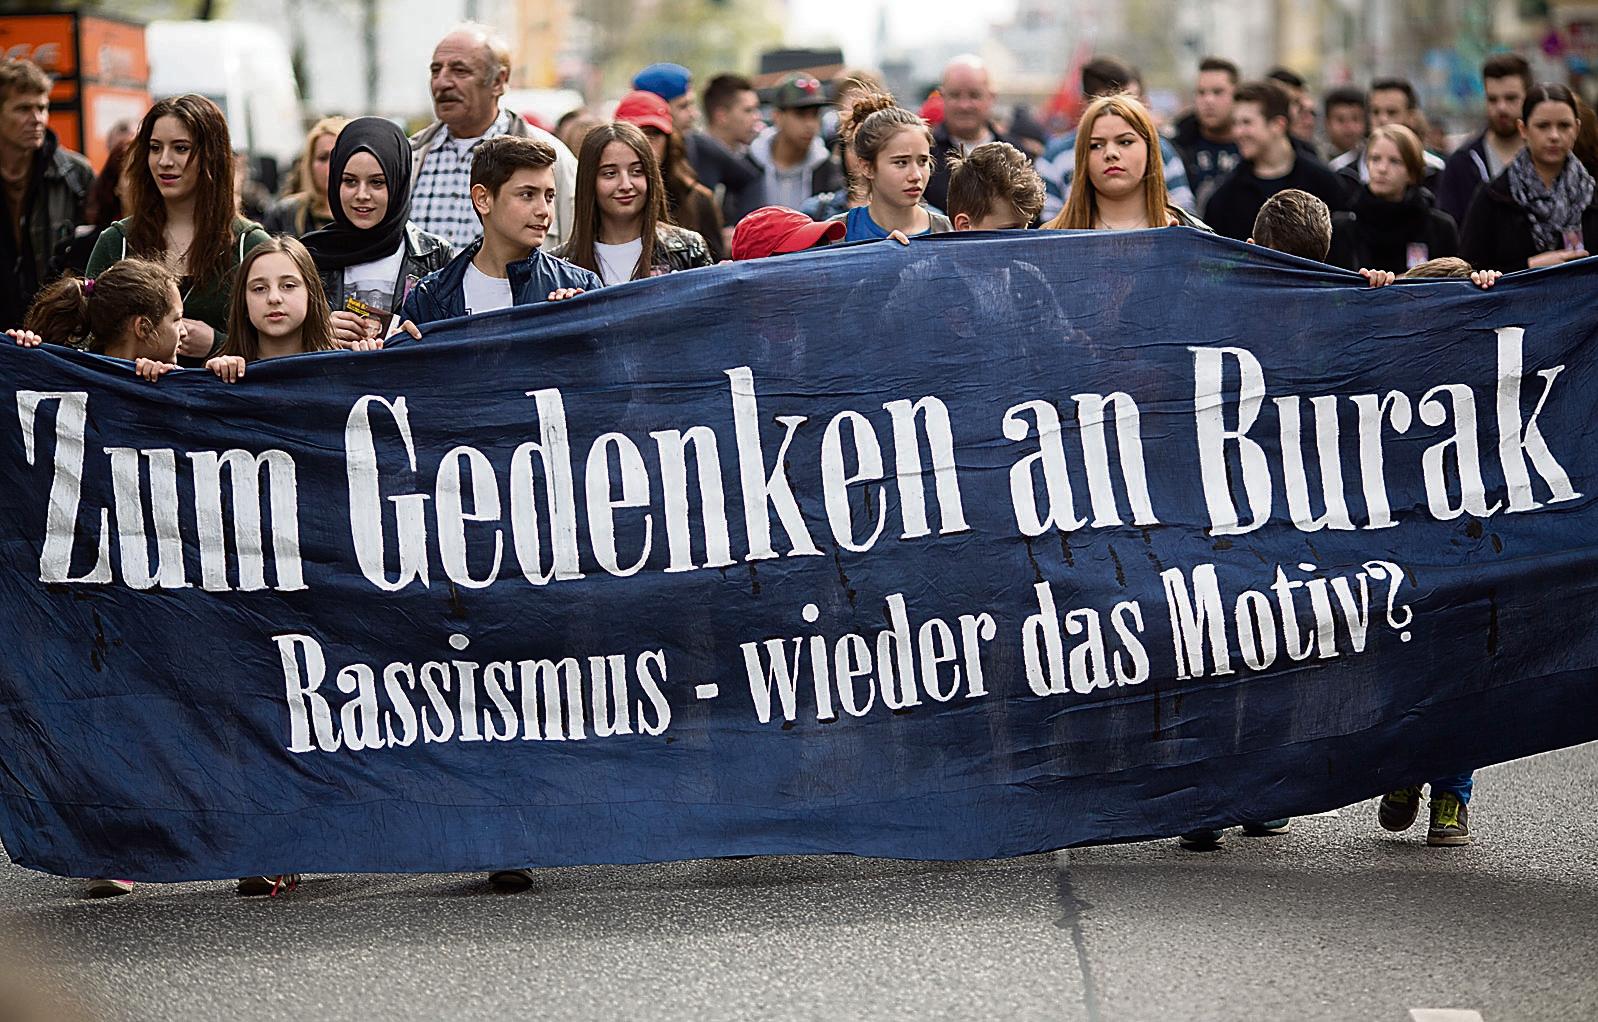 """""""Zum Gedenken an Burak - Rassismus - wieder das Motiv?"""" steht am 05.04.2014 in Berlin bei einer Demonstration zum Gedenken an den 22-jährigen Burak Bektas auf einem Transparent. Bektas wurde in der Nacht zum 5. April 2012 in Berlin-Neukölln erschossen. Am Jahrestag seines Todes wollen Freunde und Eltern daran erinnern, dass bis heute vom Täter jede Spur fehlt. Foto: Florian Schuh/dpa +++(c) dpa - Bildfunk+++"""